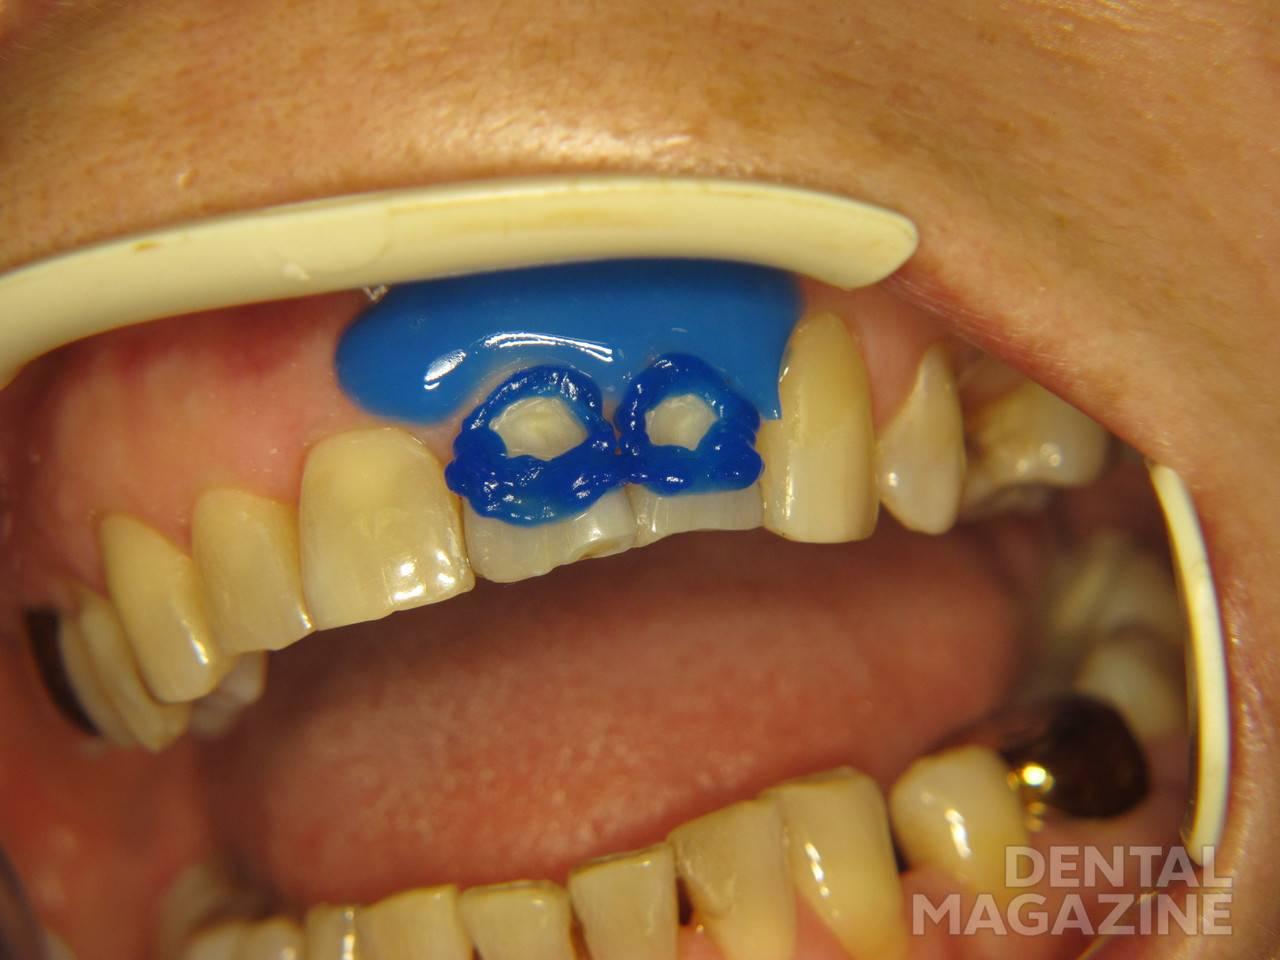 Рис. 2. Изоляция жидким коффердамом LCDam (VOCO) и кондиционирование эмали зубов 2.1 и 2.2.